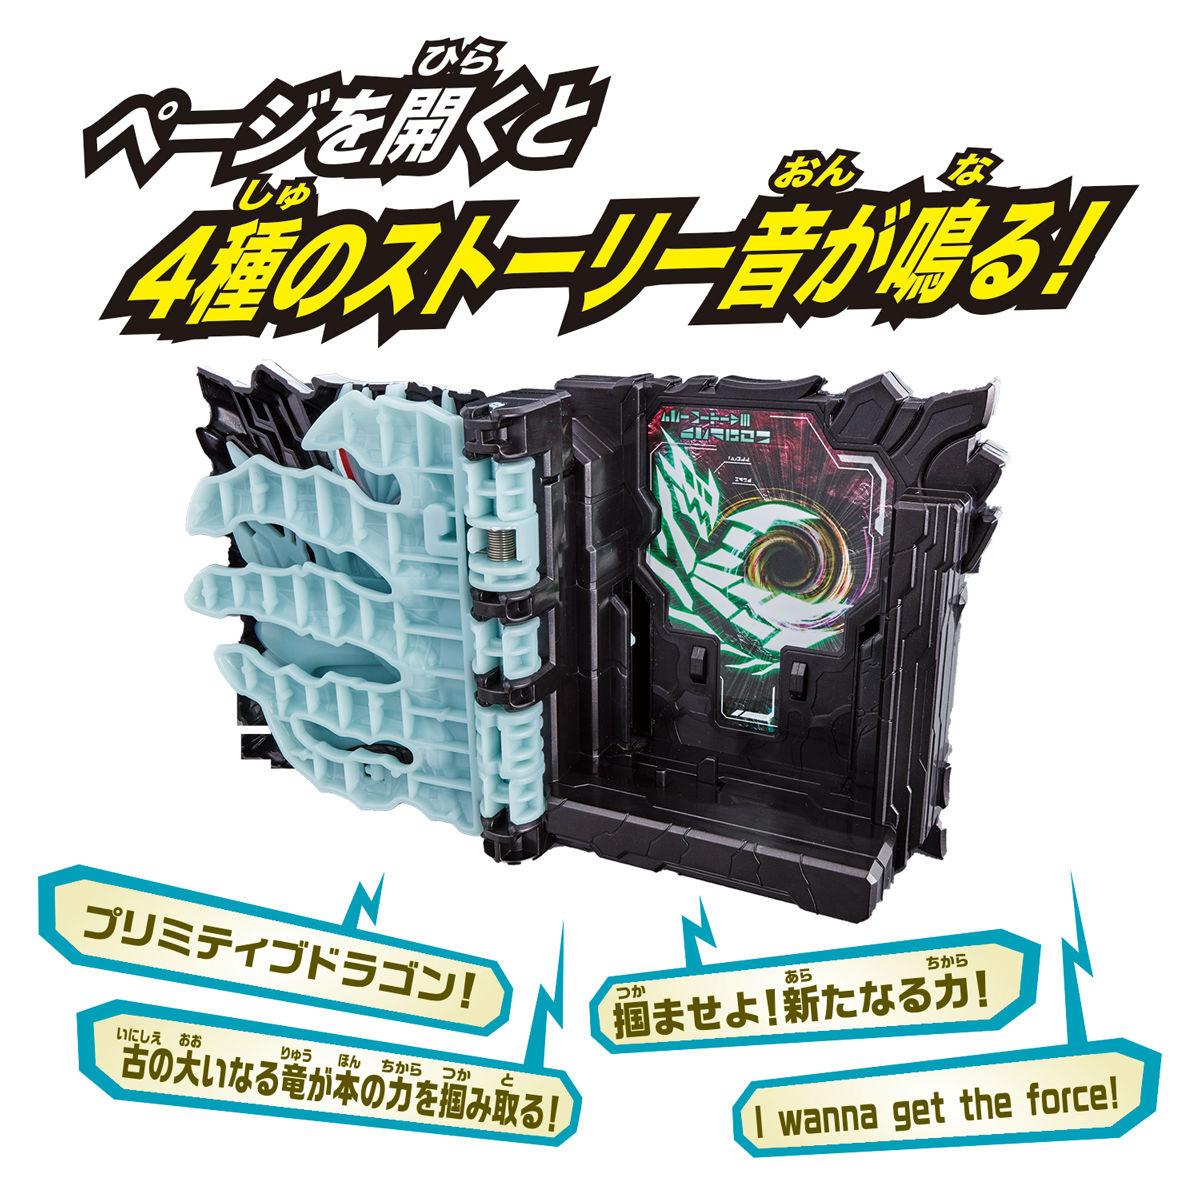 仮面ライダーセイバー『DXプリミティブドラゴンワンダーライドブック』変身なりきり-005